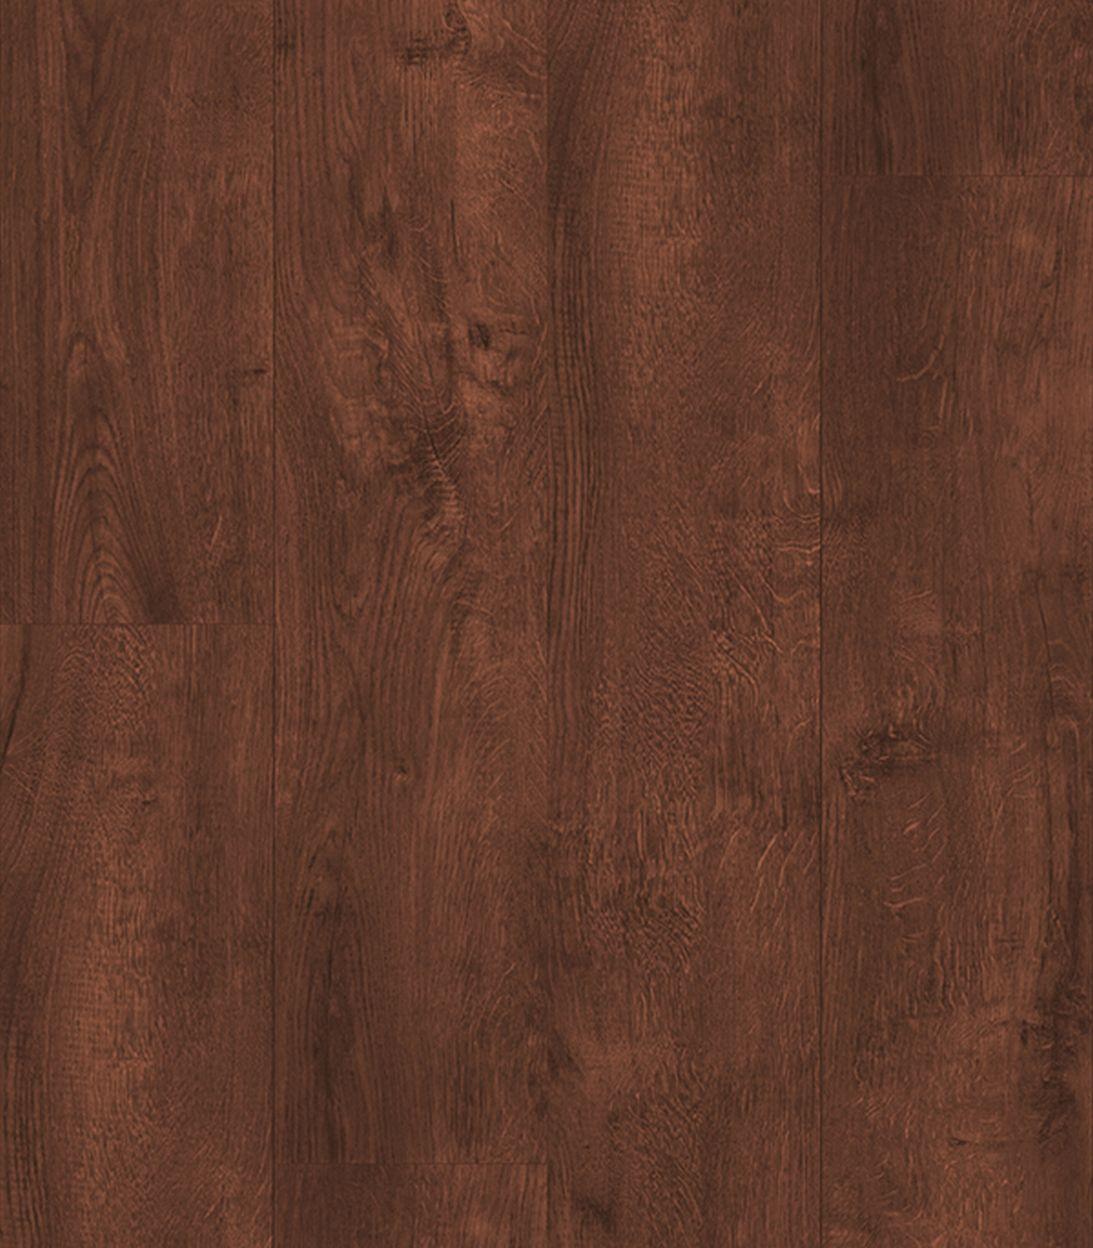 Купить Ламинат 33 кл LocFloor 83 дуб горный светло- коричневый 8 мм, Quick Step, Натуральный